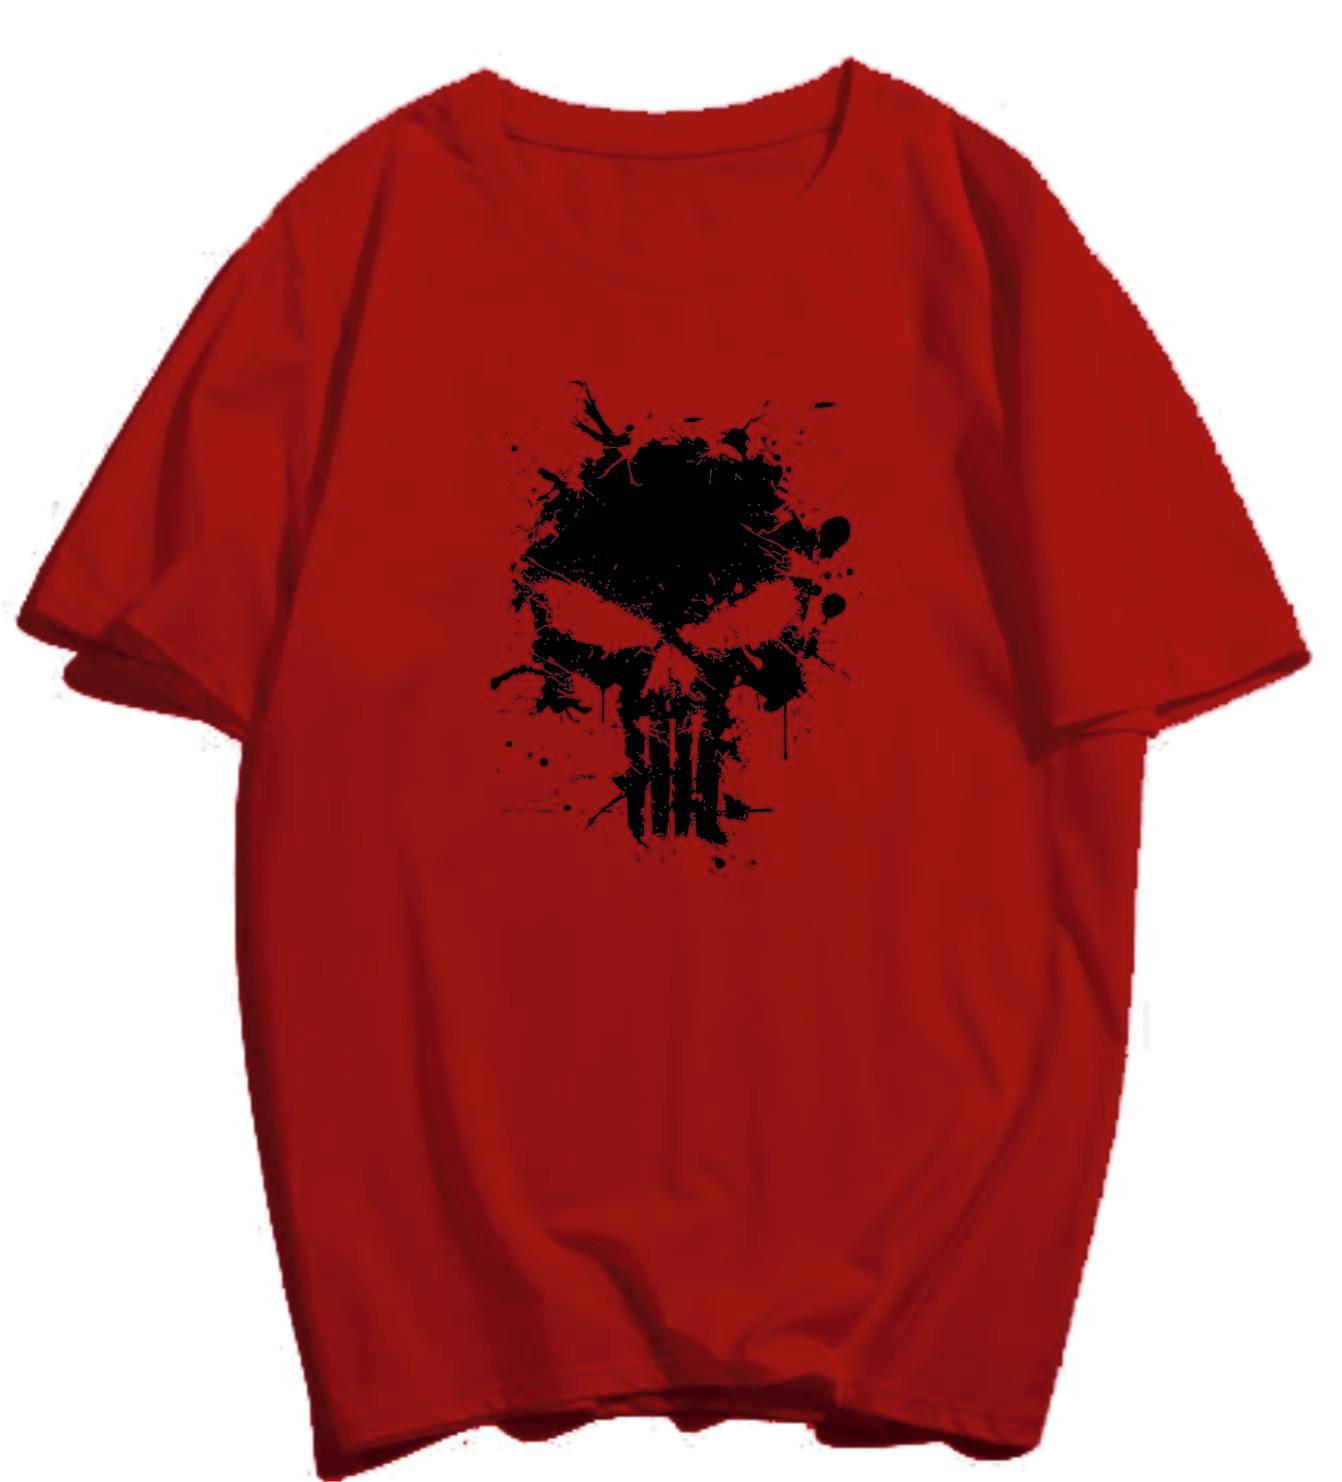 b292489c7b7 Camiseta Camisa Tamanho Especial Plus Size Justiceiro